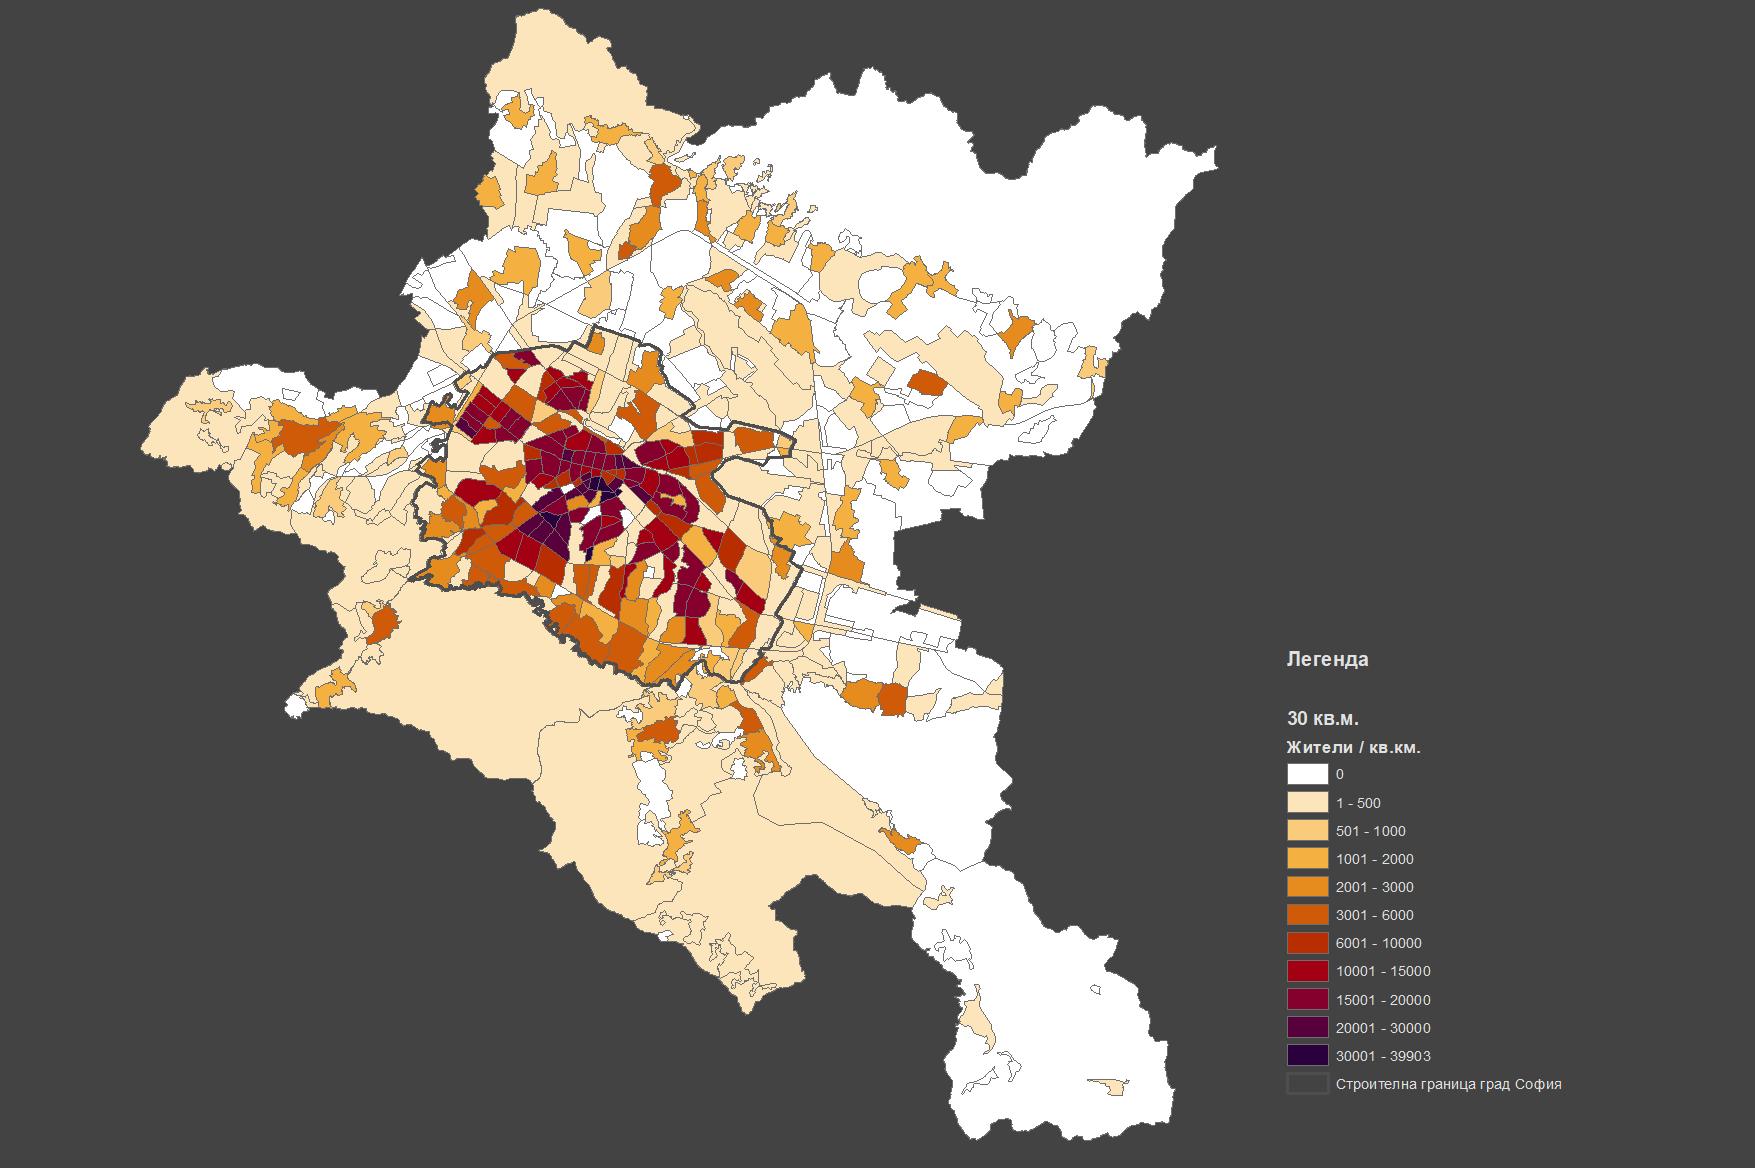 Карта на жилищния фонд в София и население